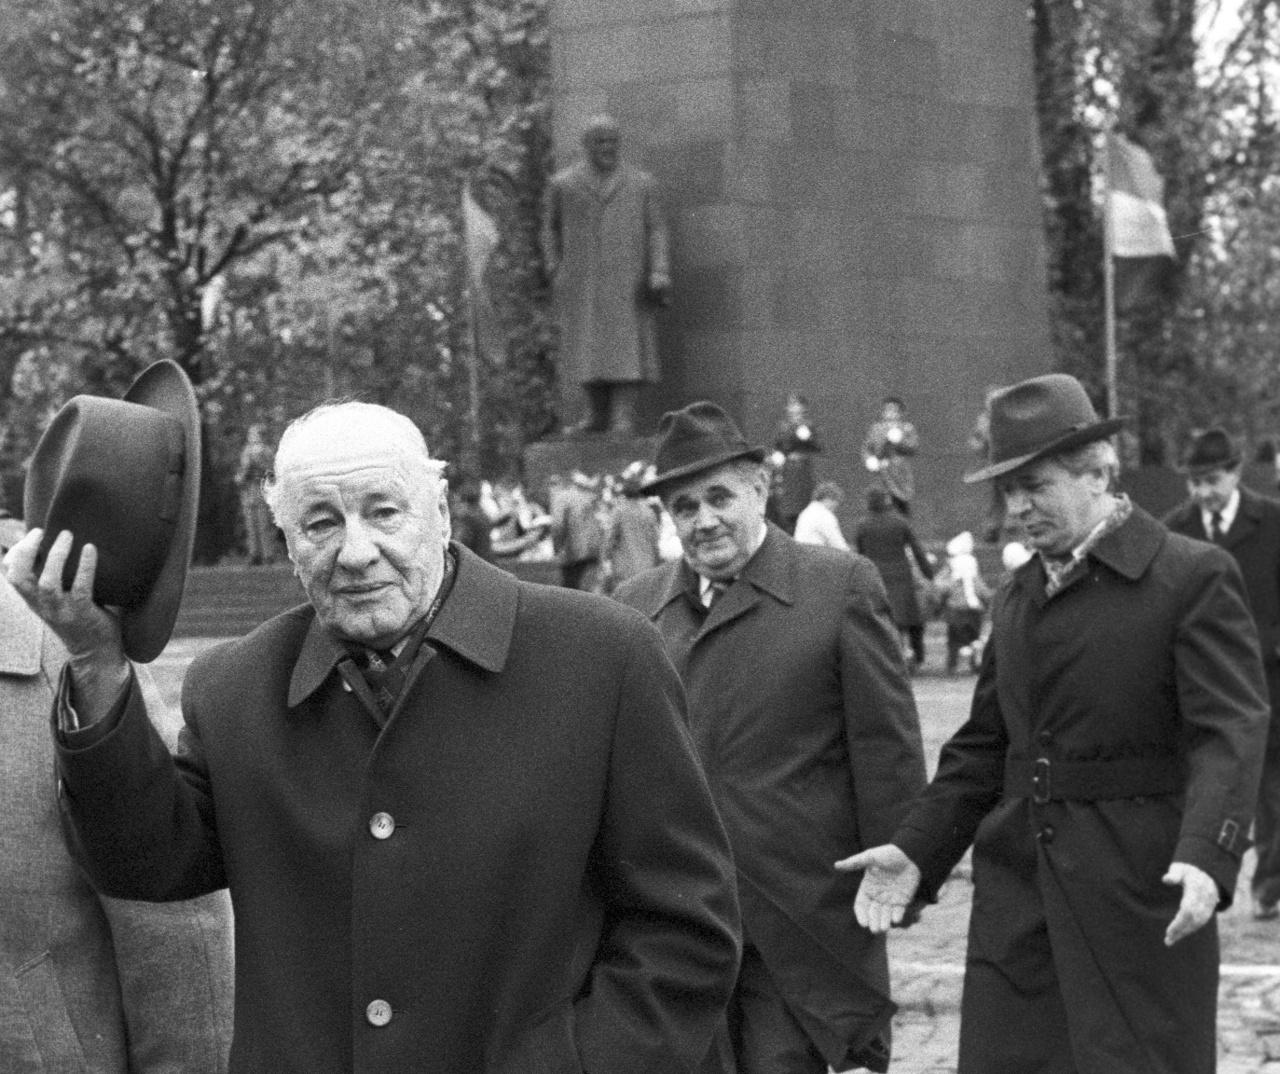 Kádár János lengeti a kalapját, a háttérben pedig egy Lenin-szobor. Valamikor a nyolcvanas évek közepén.